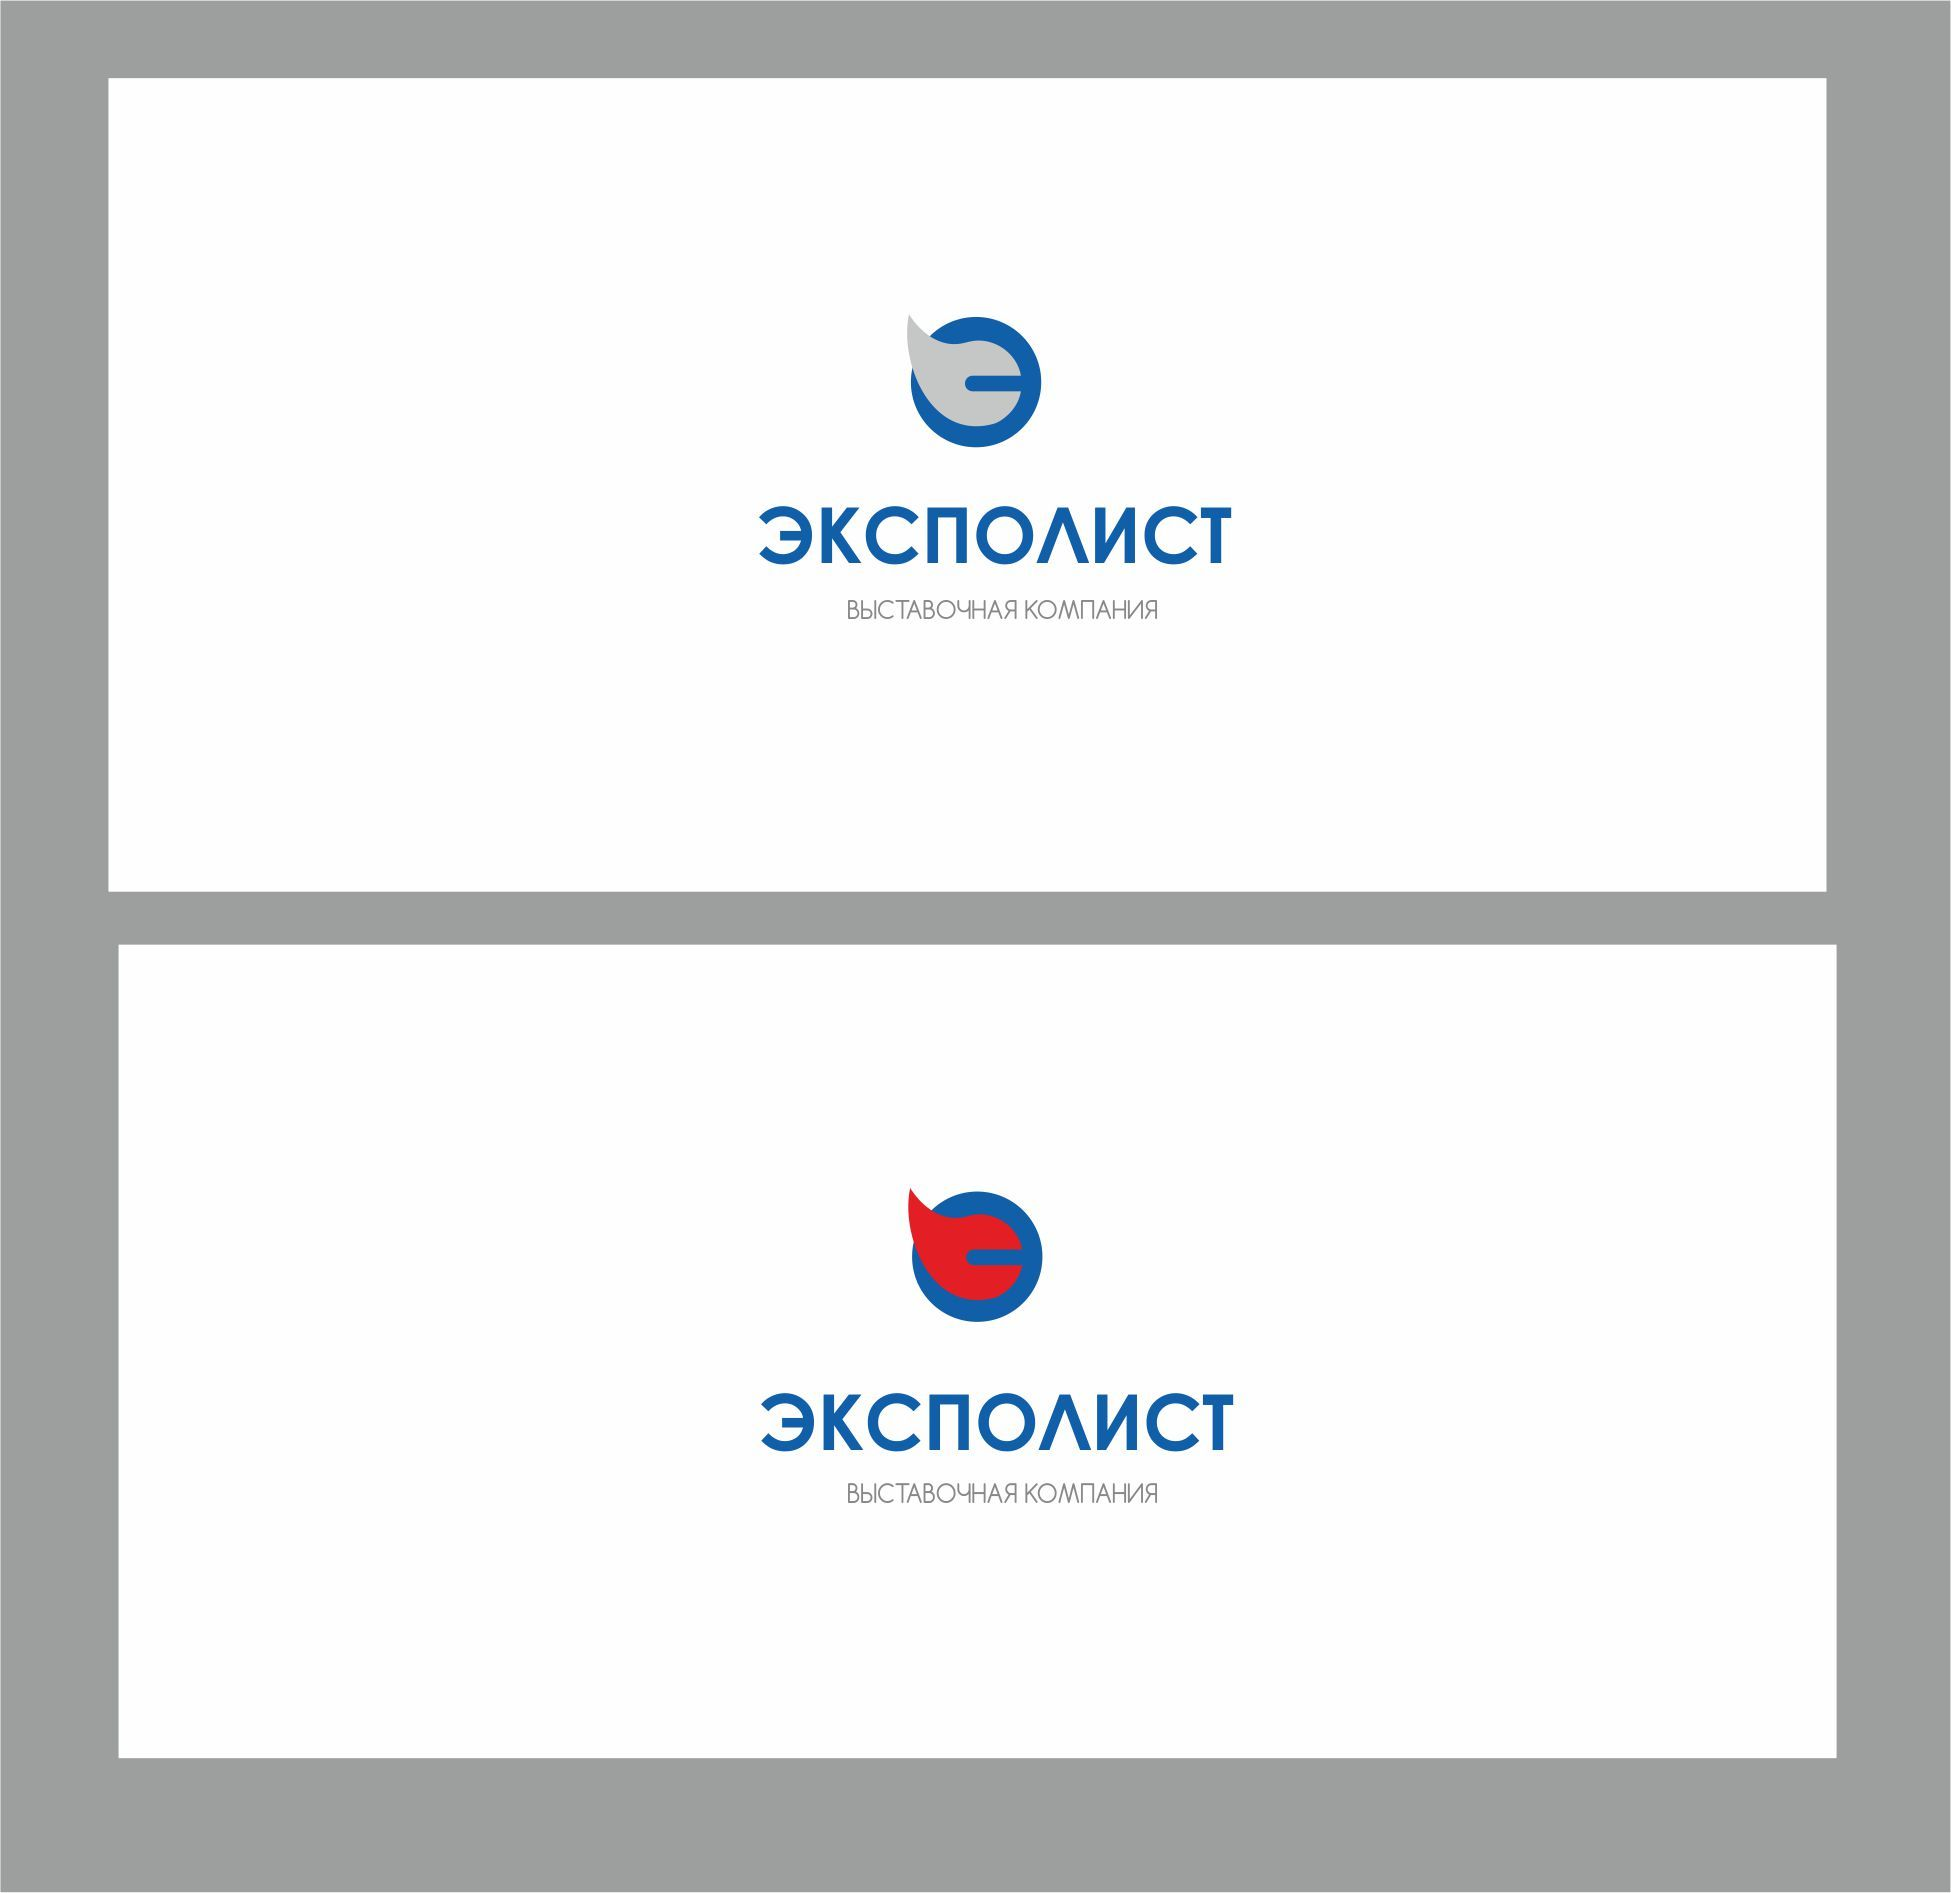 Логотип выставочной компании Эксполист - дизайнер dbyjuhfl